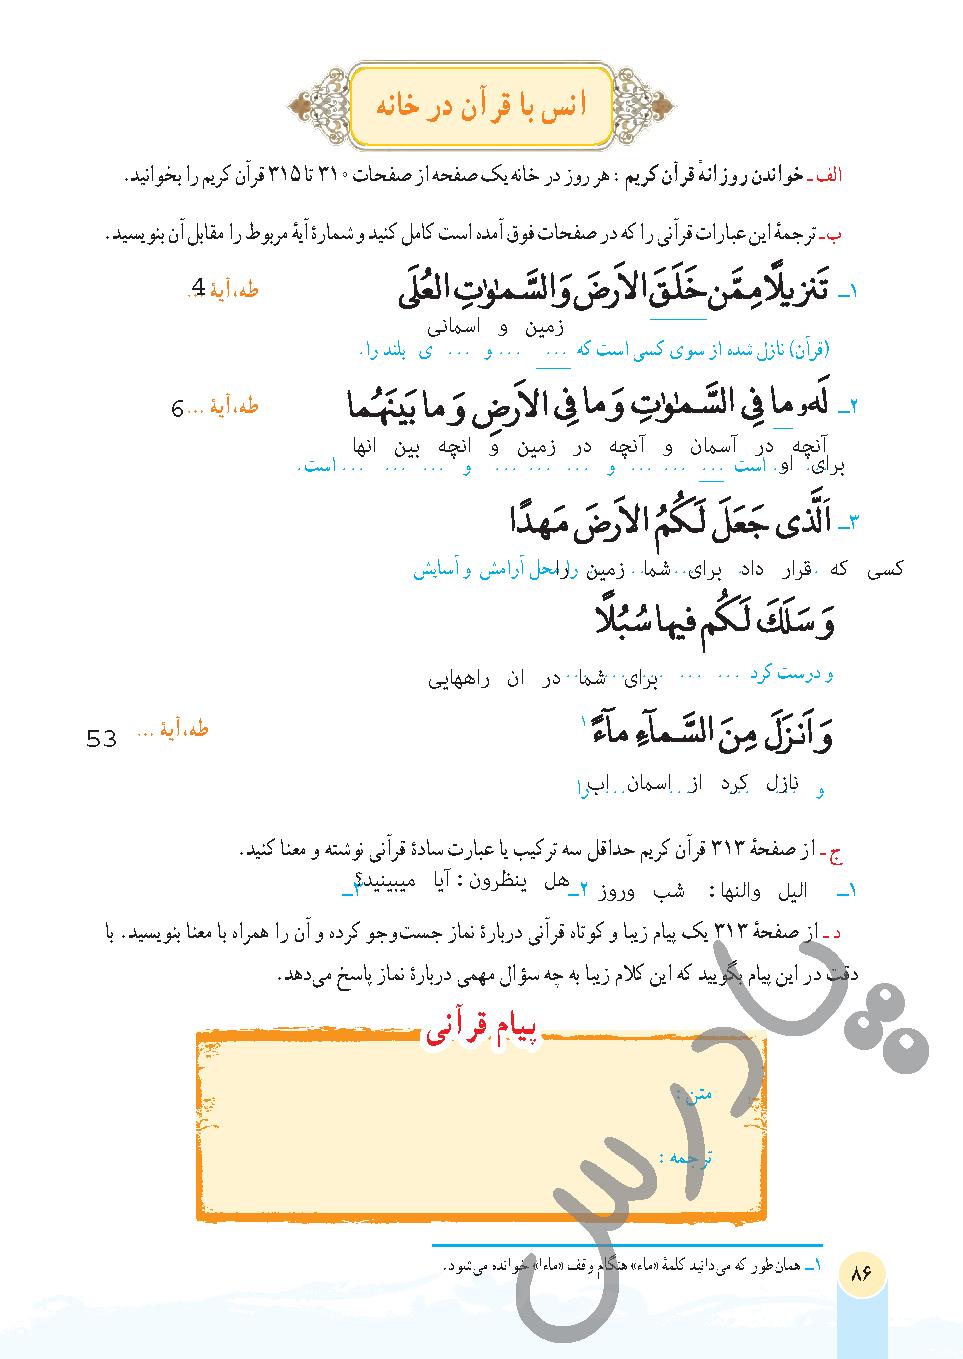 جواب انس با قرآن درس 9 قرآن هفتم - جلسه دوم